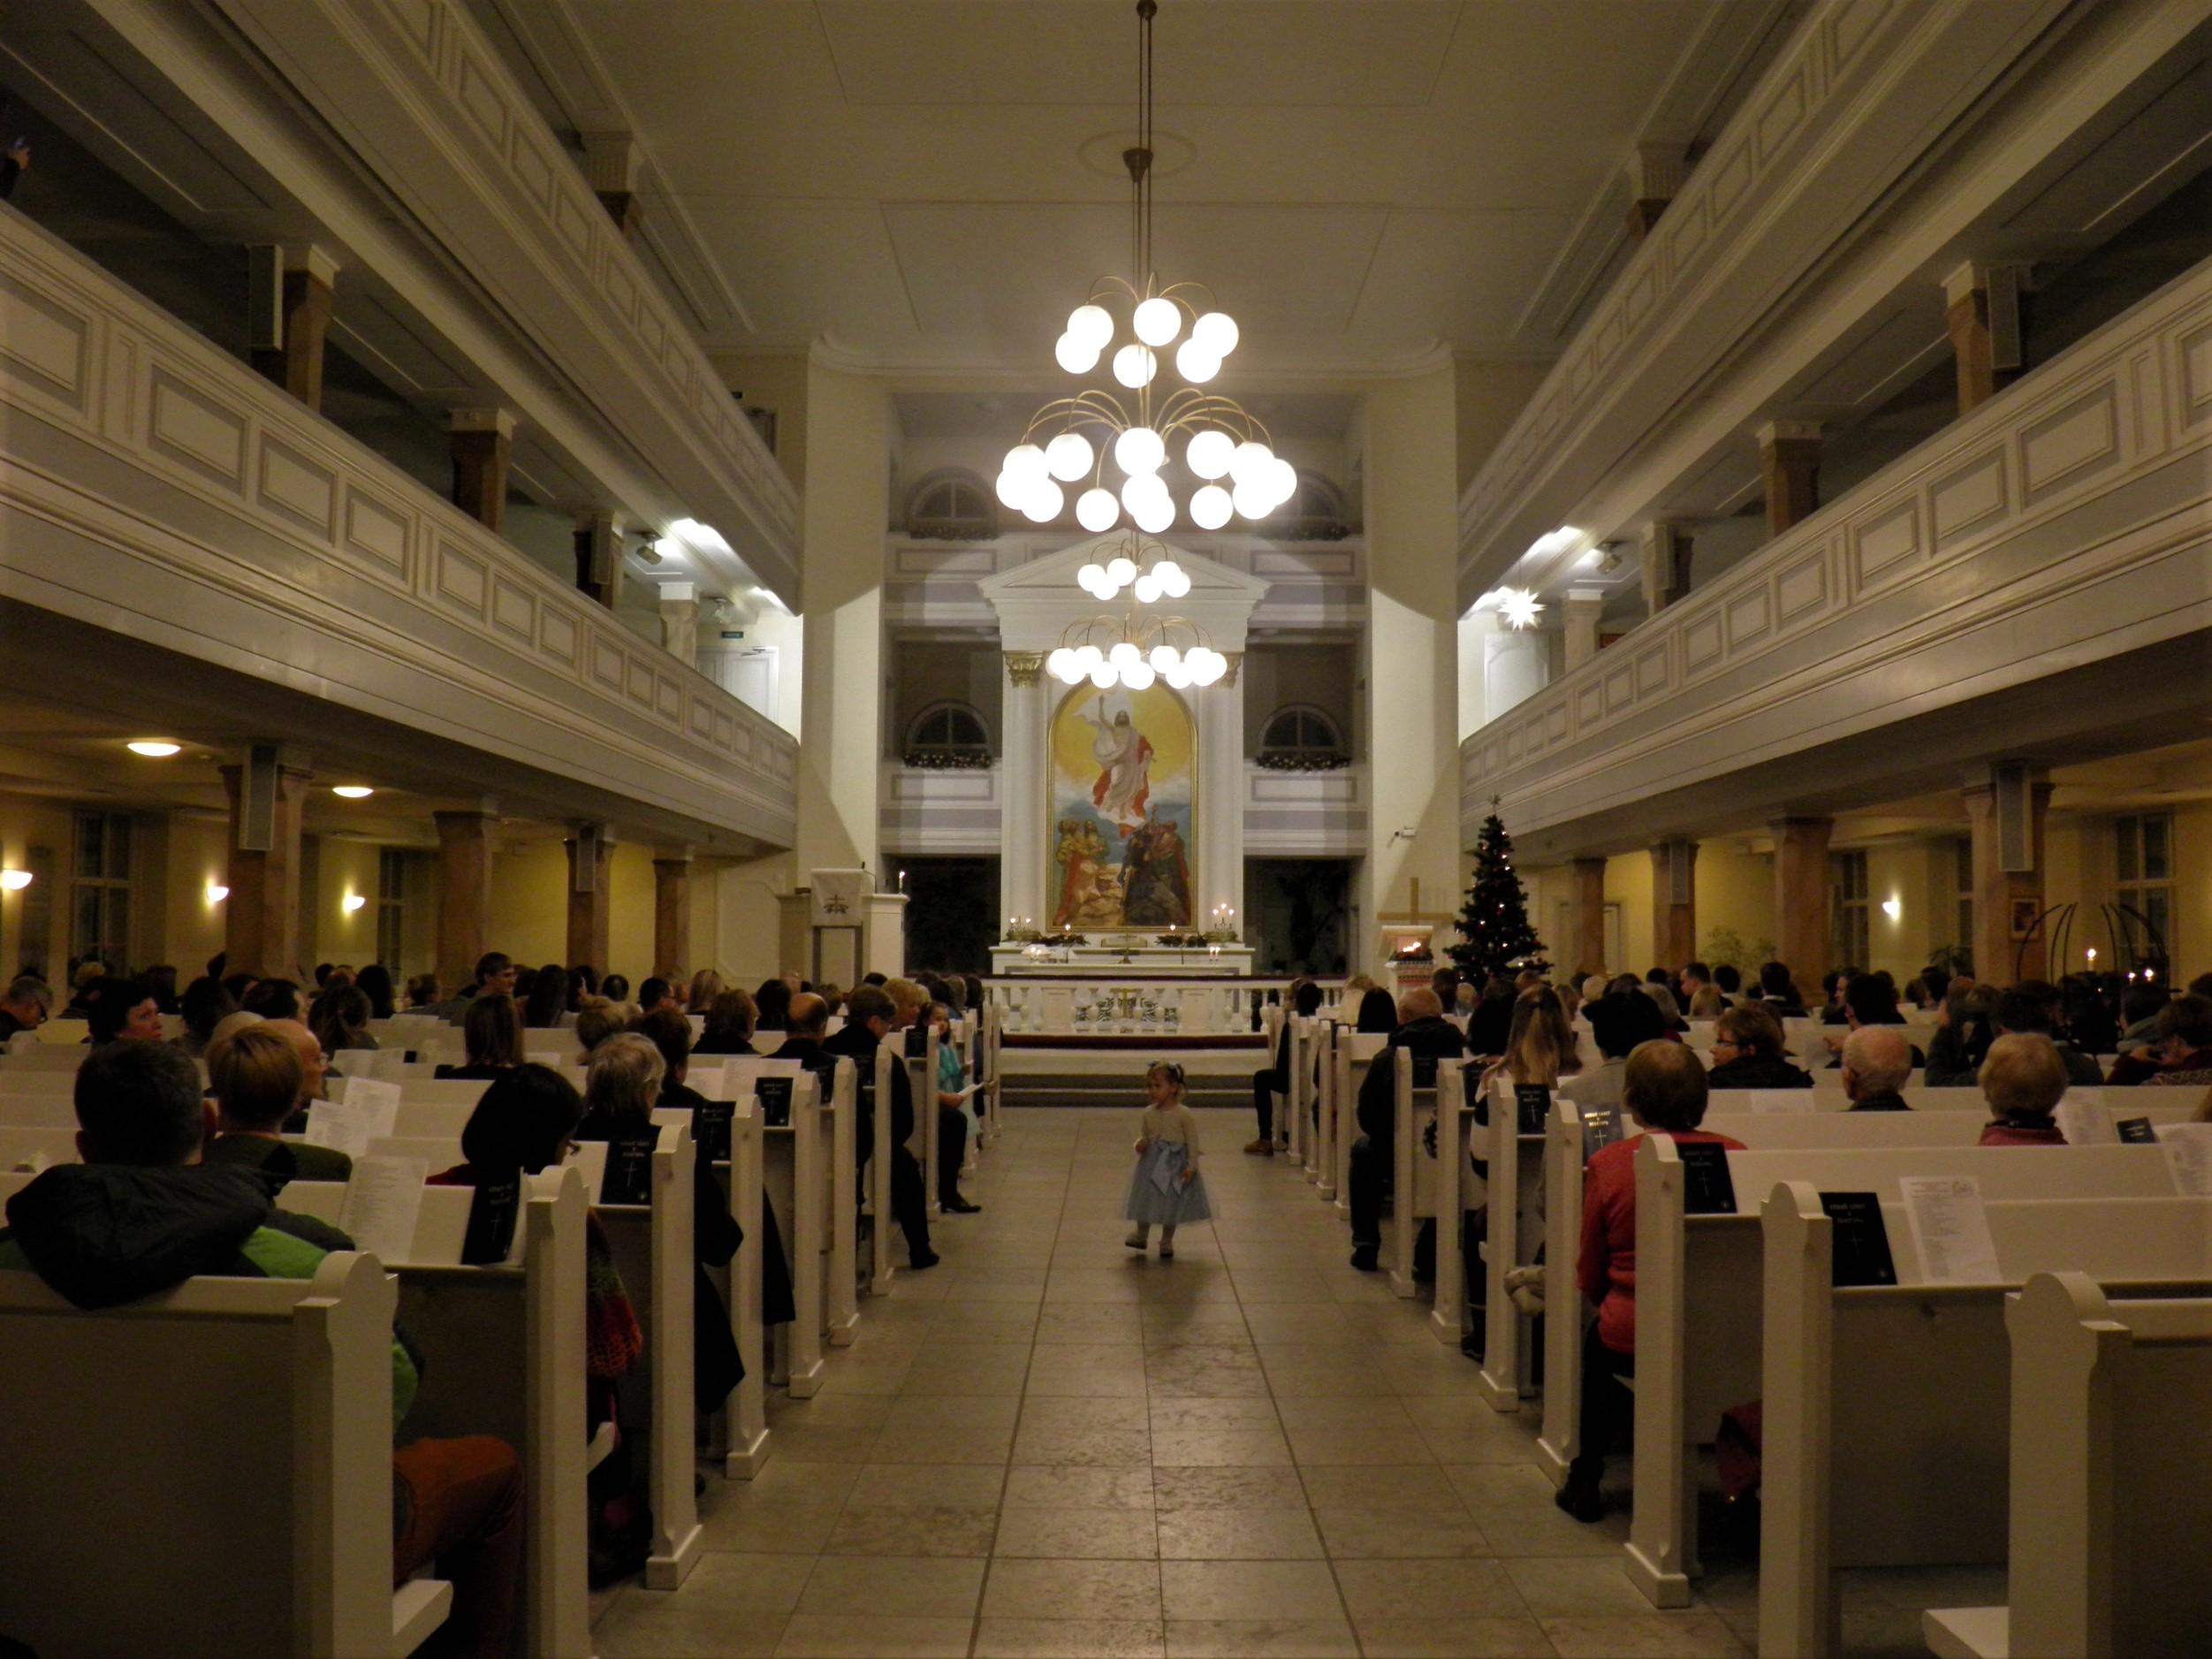 Зал лютеранской церкви св. Марии, «Рождественский марафон», 24.12.2019 (фото: А.Камалдинов)